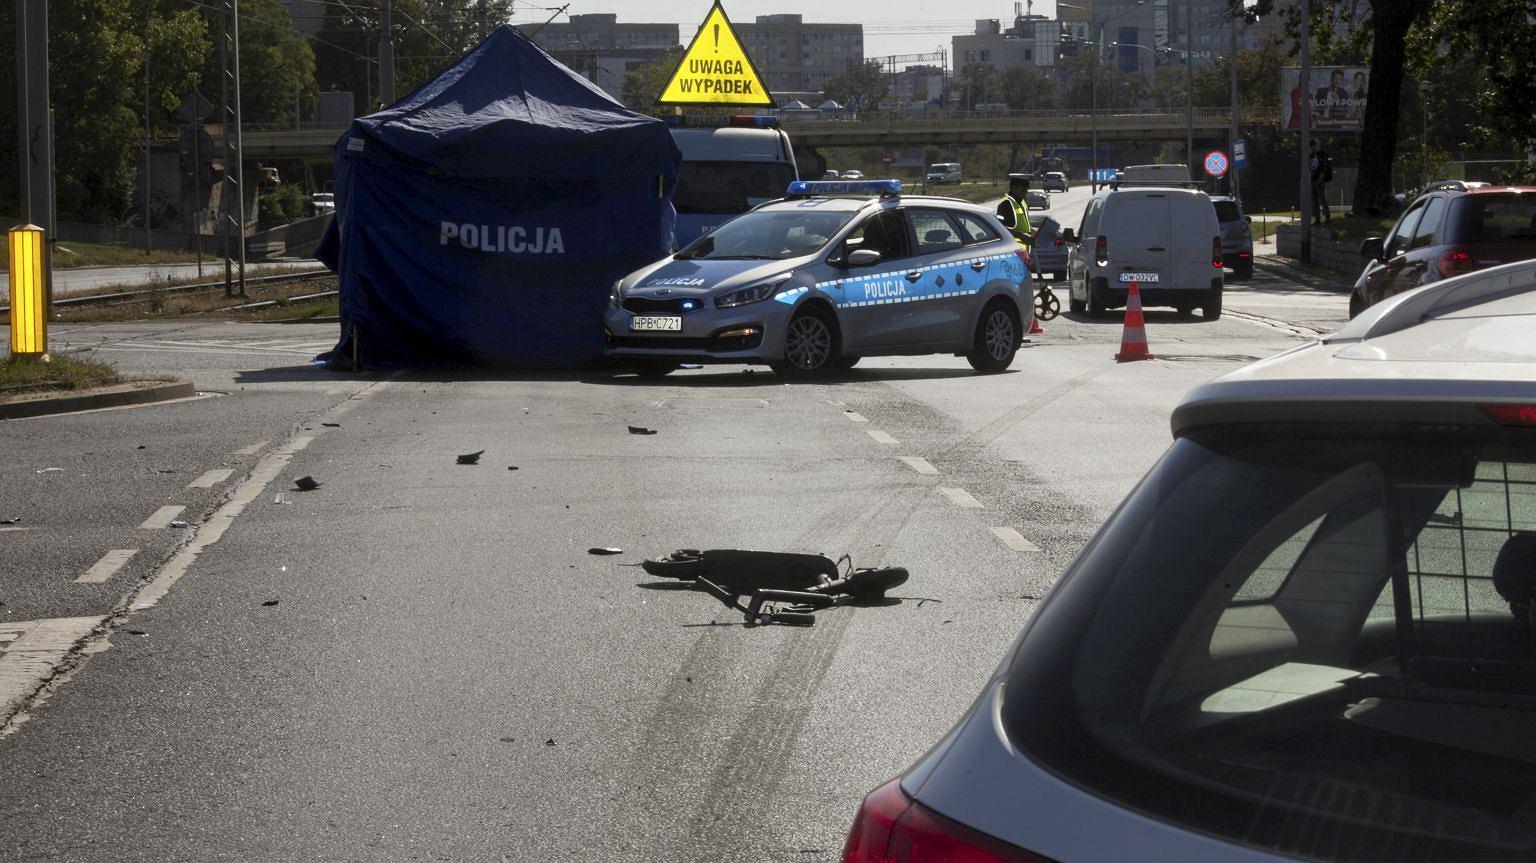 Śmiertelny wypadek z udziałem elektrycznej hulajnogi we Wrocławiu